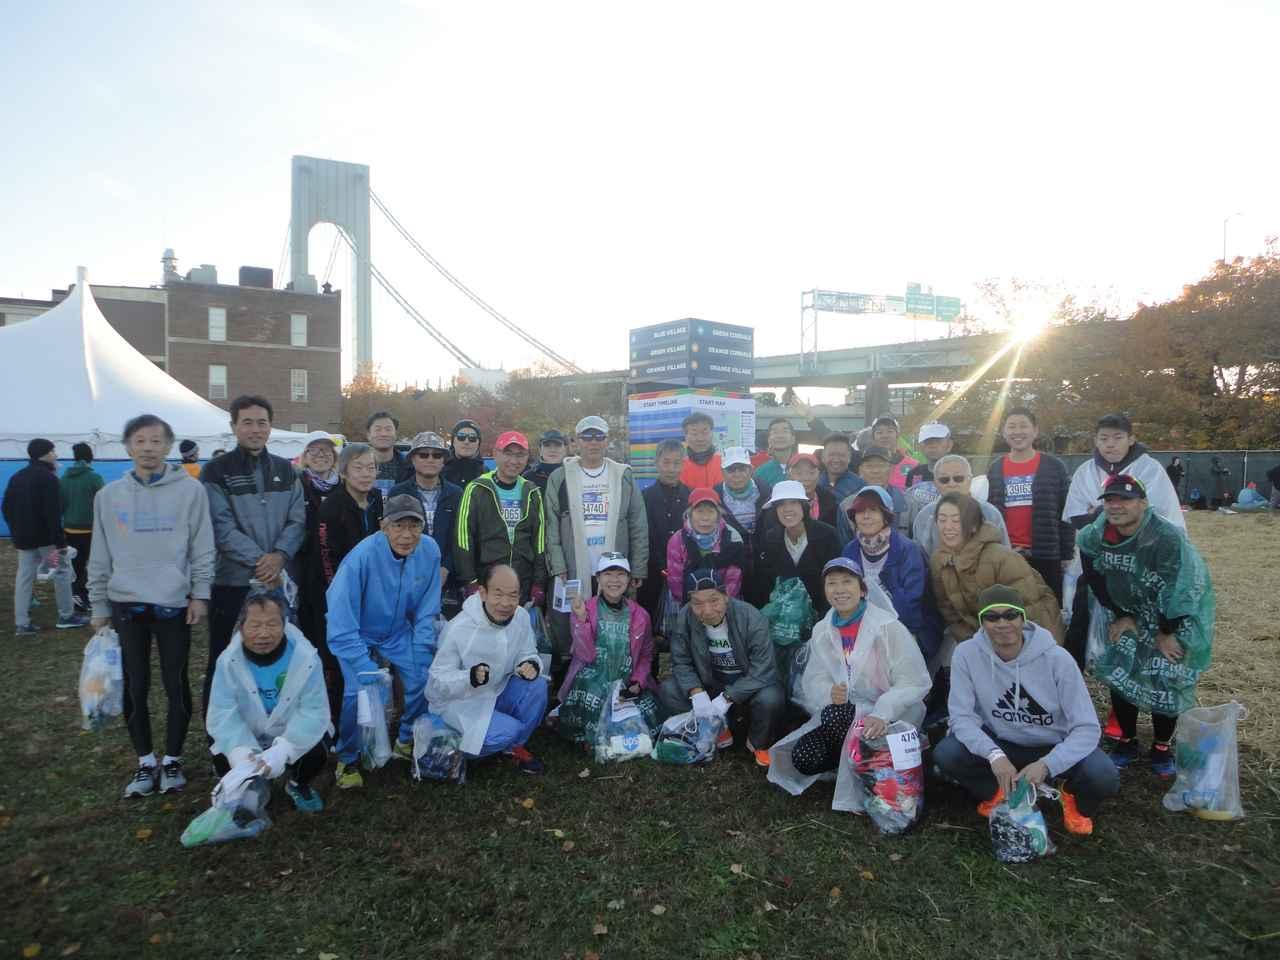 画像9: 2018年のニューヨークシティマラソンは11月4日(日)に開催となりました。 ツアーは50名様以上にご参加いただき、無事、全員完走!